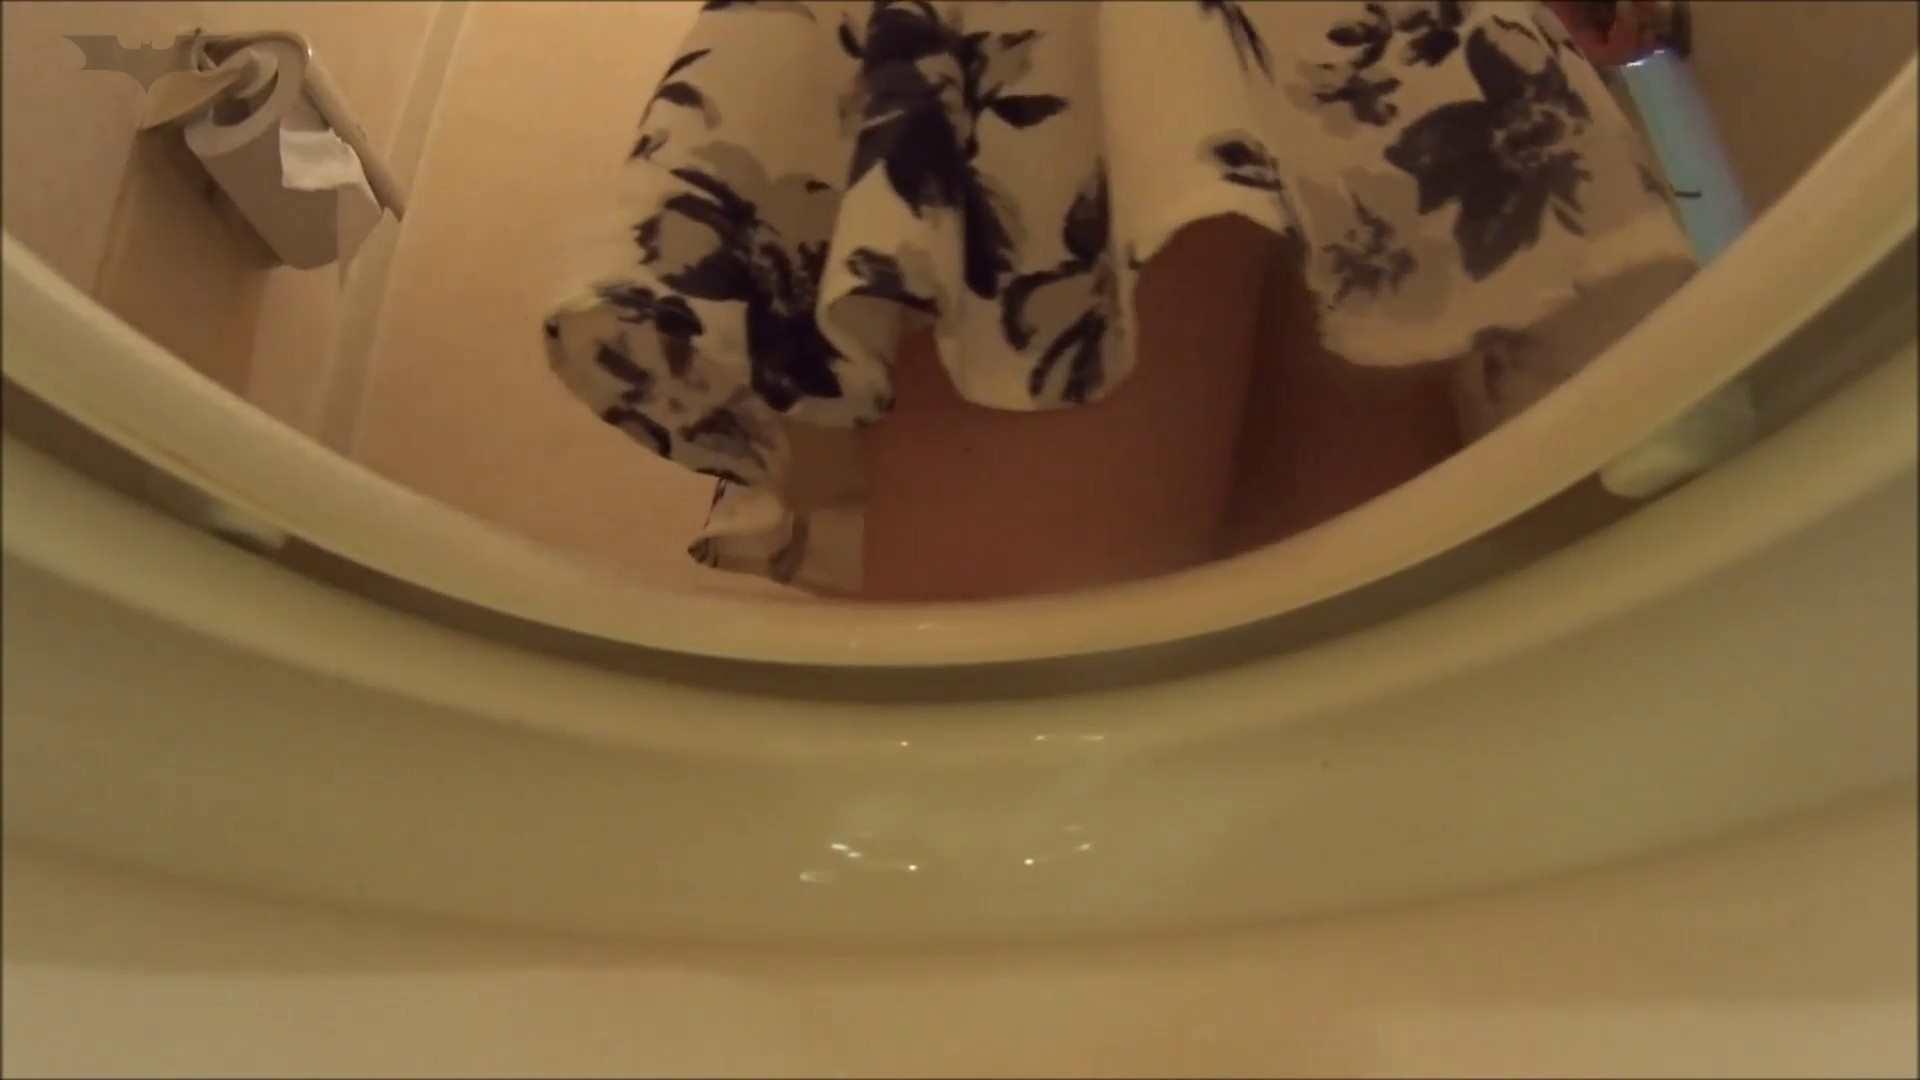 vol.03[洗面所]実はコレが目的でした。-W黒髪女子の聖水観察- 美女達のヌード   洗面所着替え  65連発 54